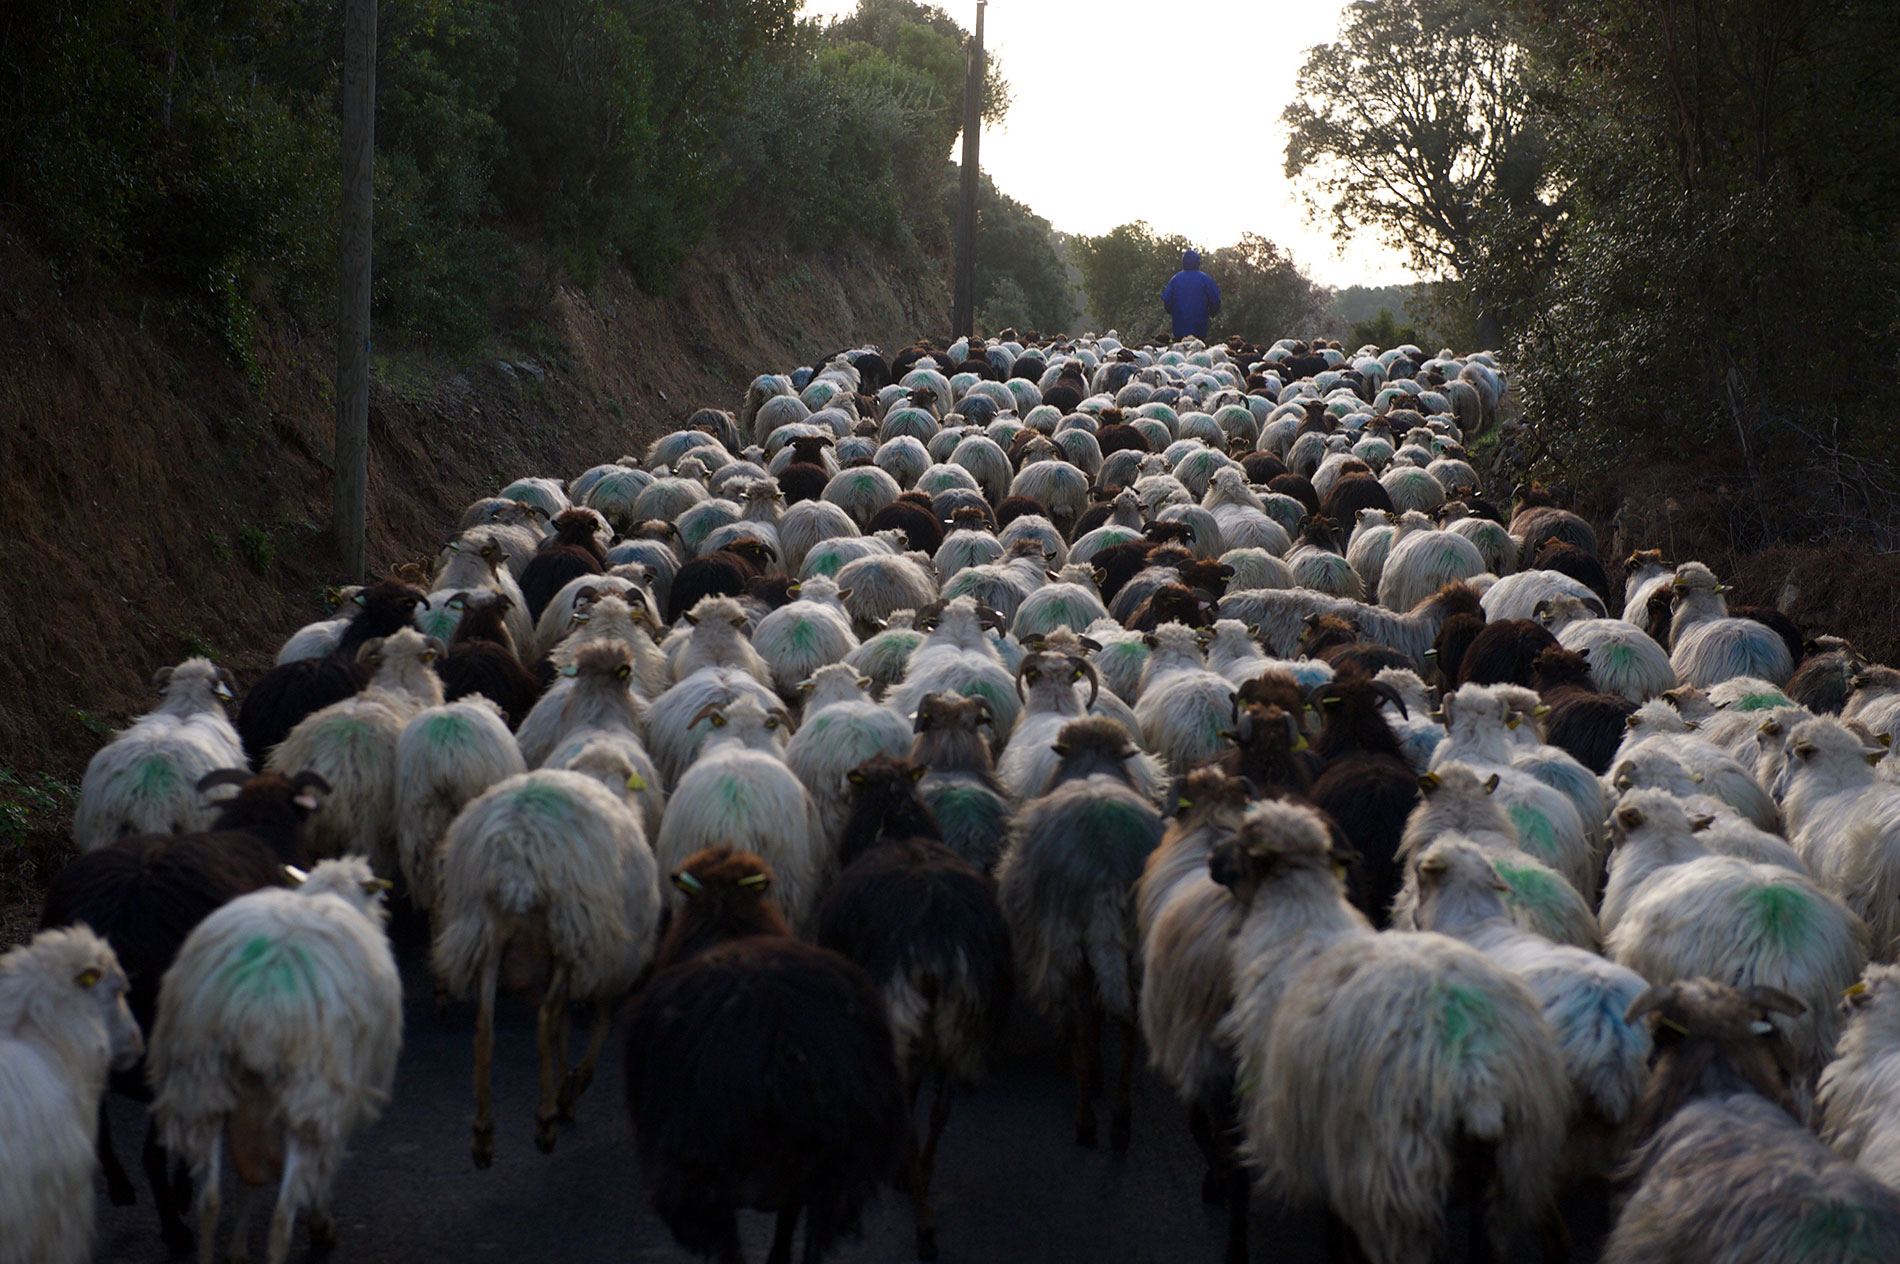 Les brebis de Valicella marchent vers un autre champs près de la ferme.